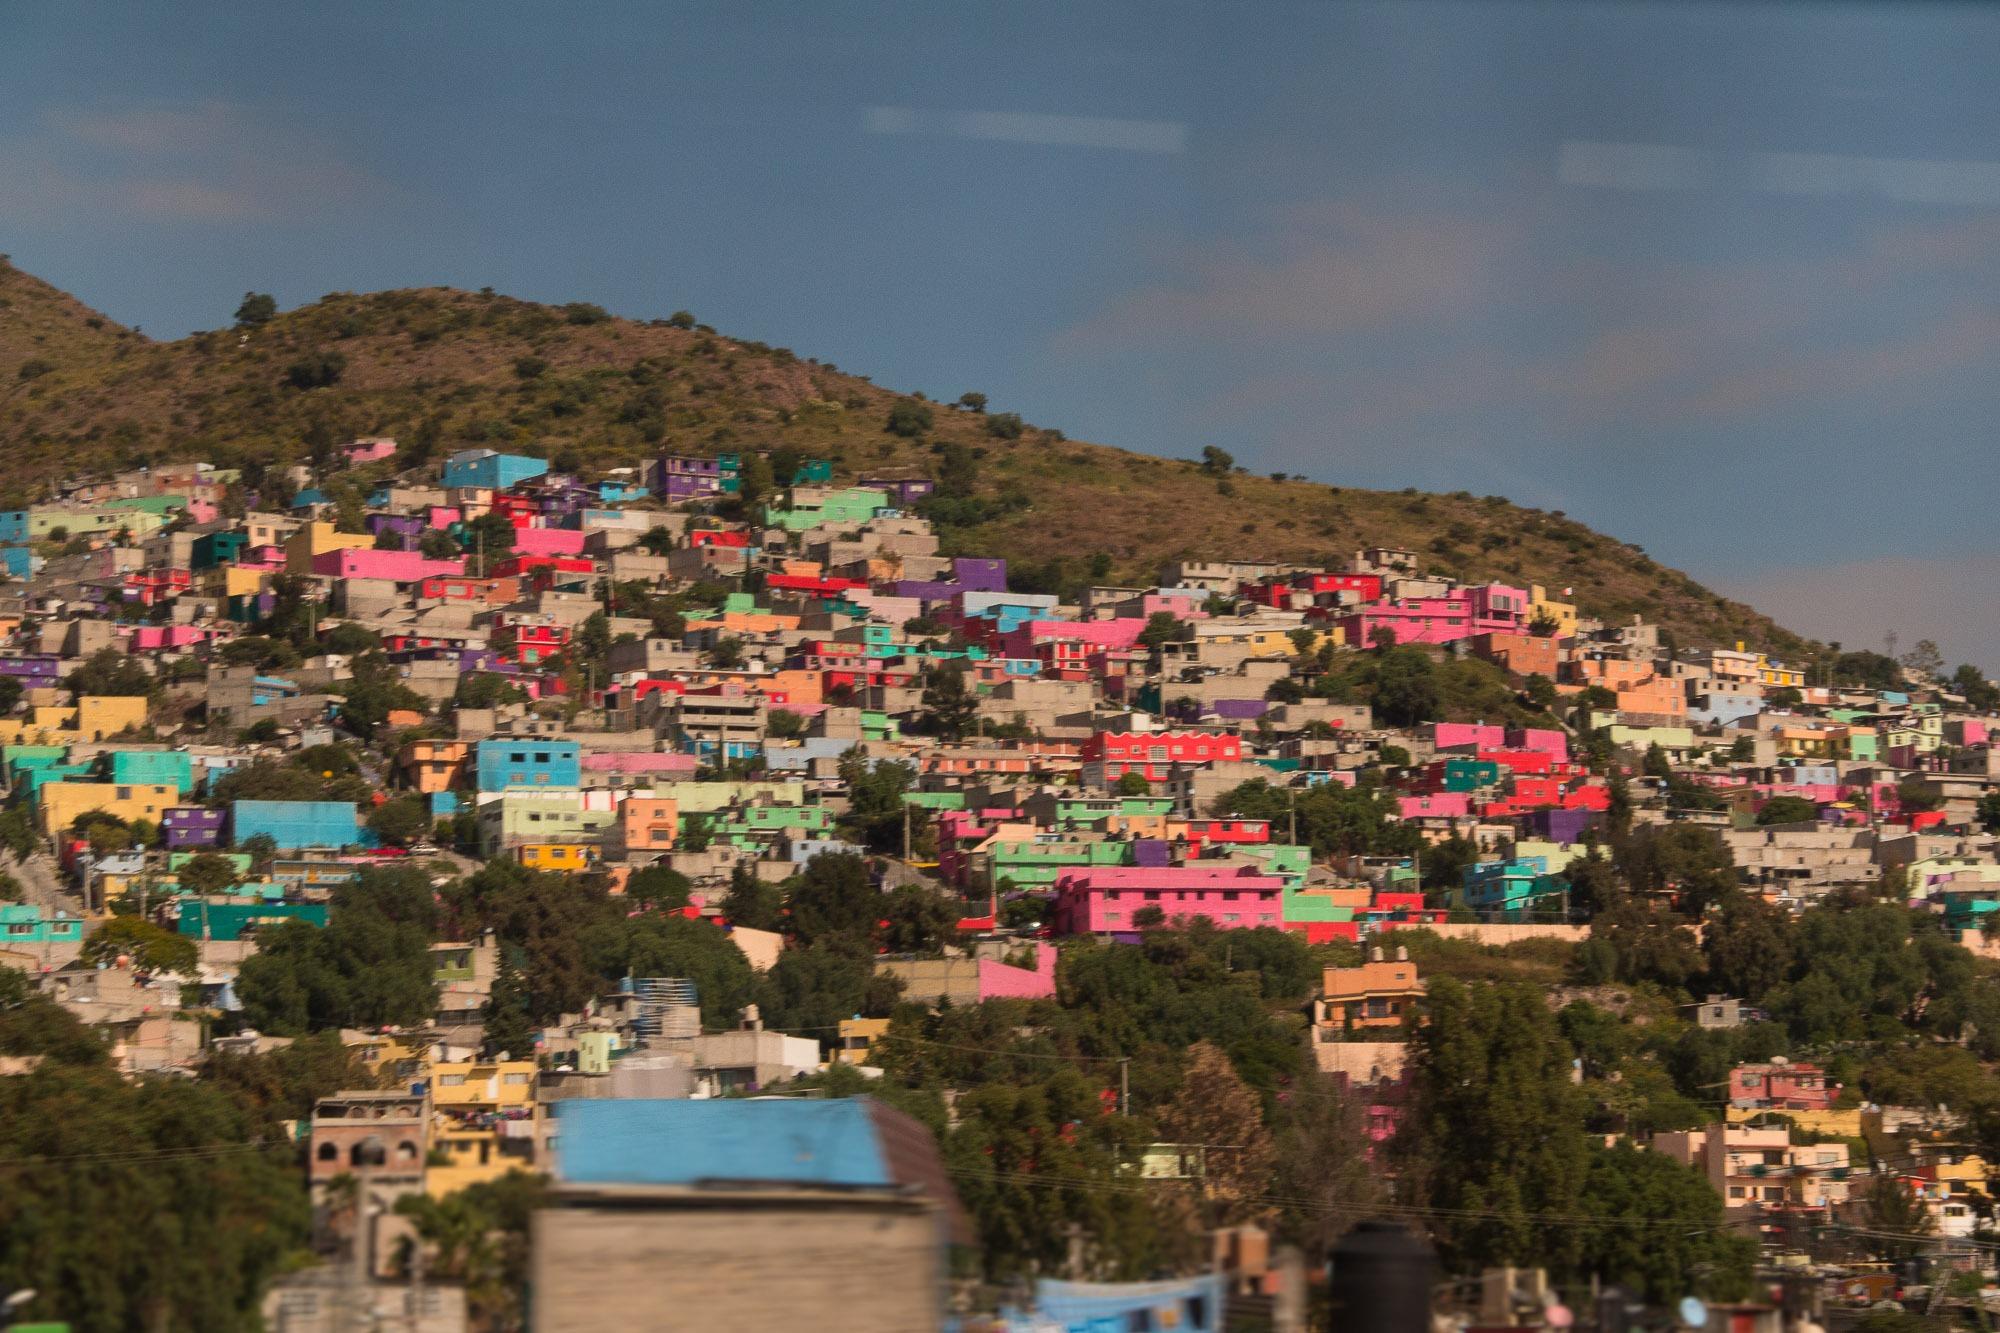 Bairro periférico da Cidade do México, caracterizado pelas fachadas coloridas das casas